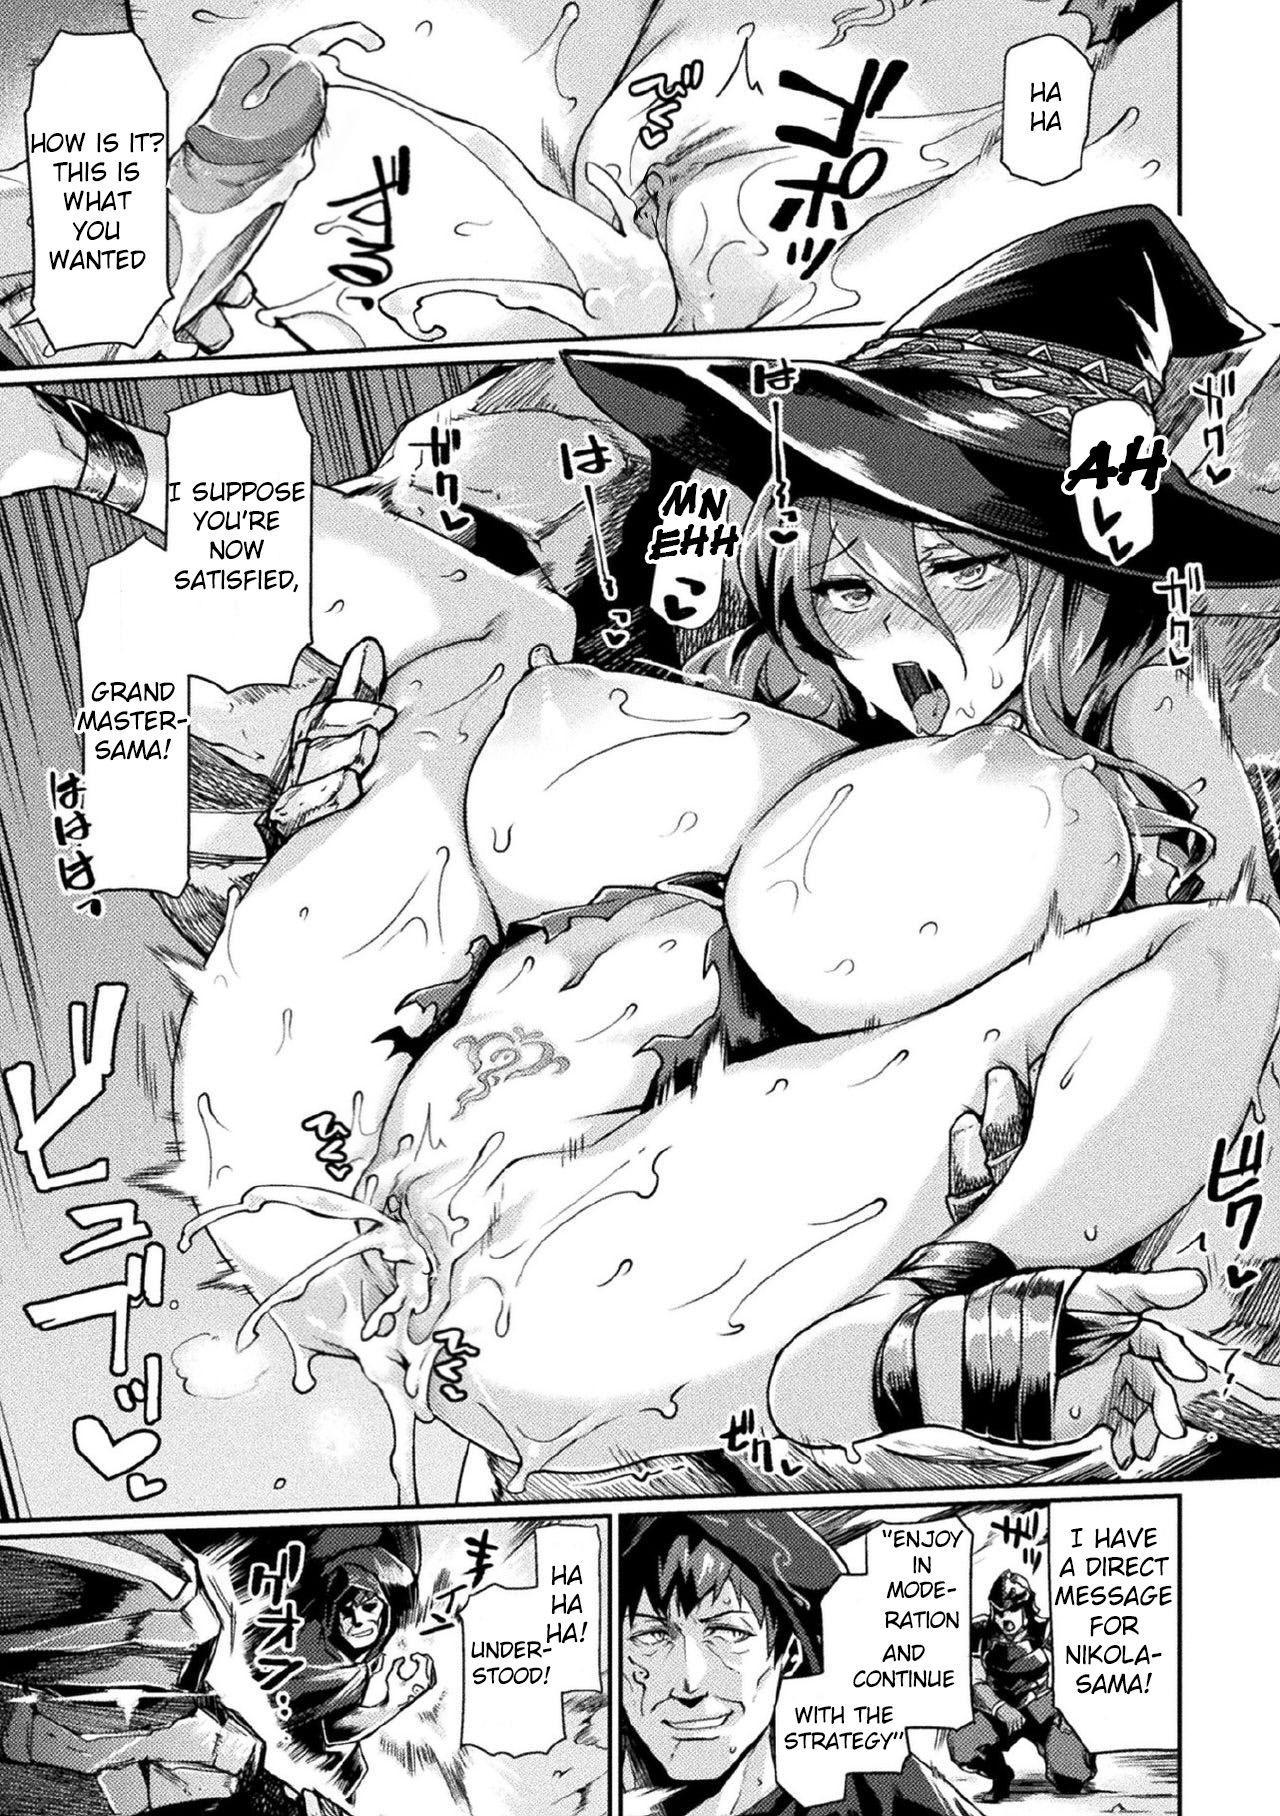 [Tsukitokage] Kuroinu II ~Inyoku ni Somaru Haitoku no Miyako, Futatabi~ THE COMIC Chapter 3 (Kukkoro Heroines Vol. 1) [English] {Hennojin+Raknnkarscans} [Decensored] [Digital] 20